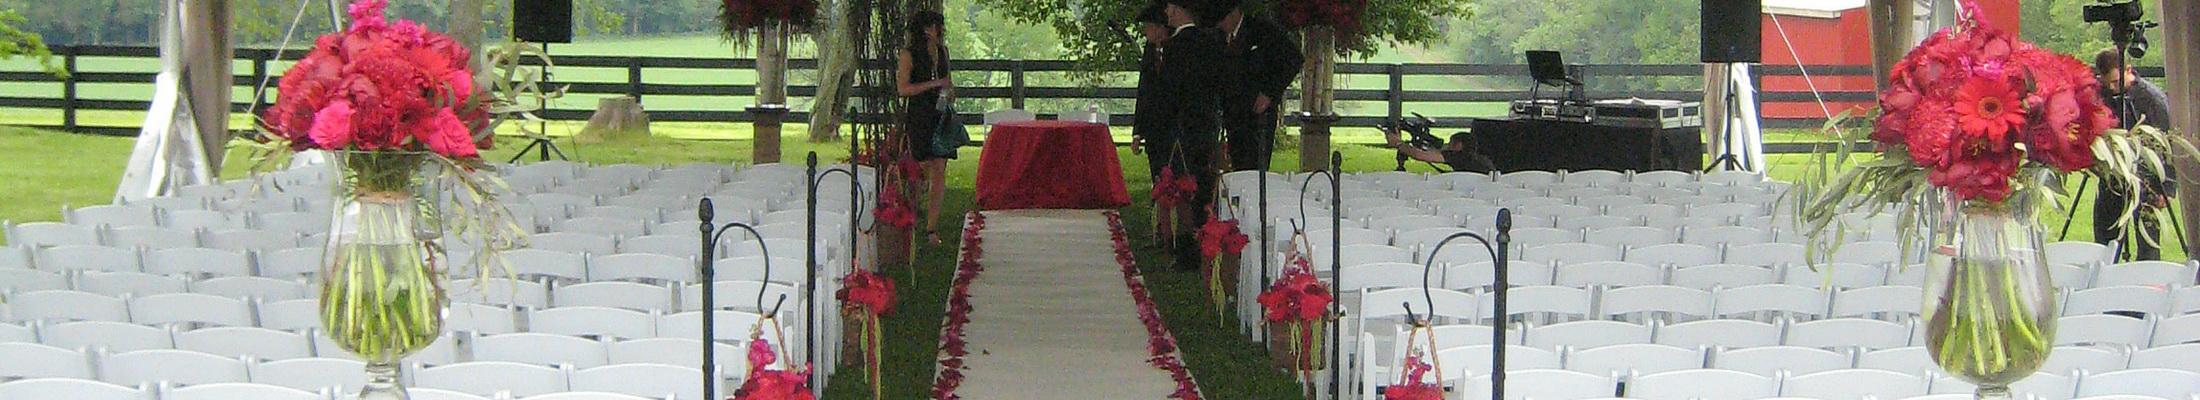 Caledon garden wedding